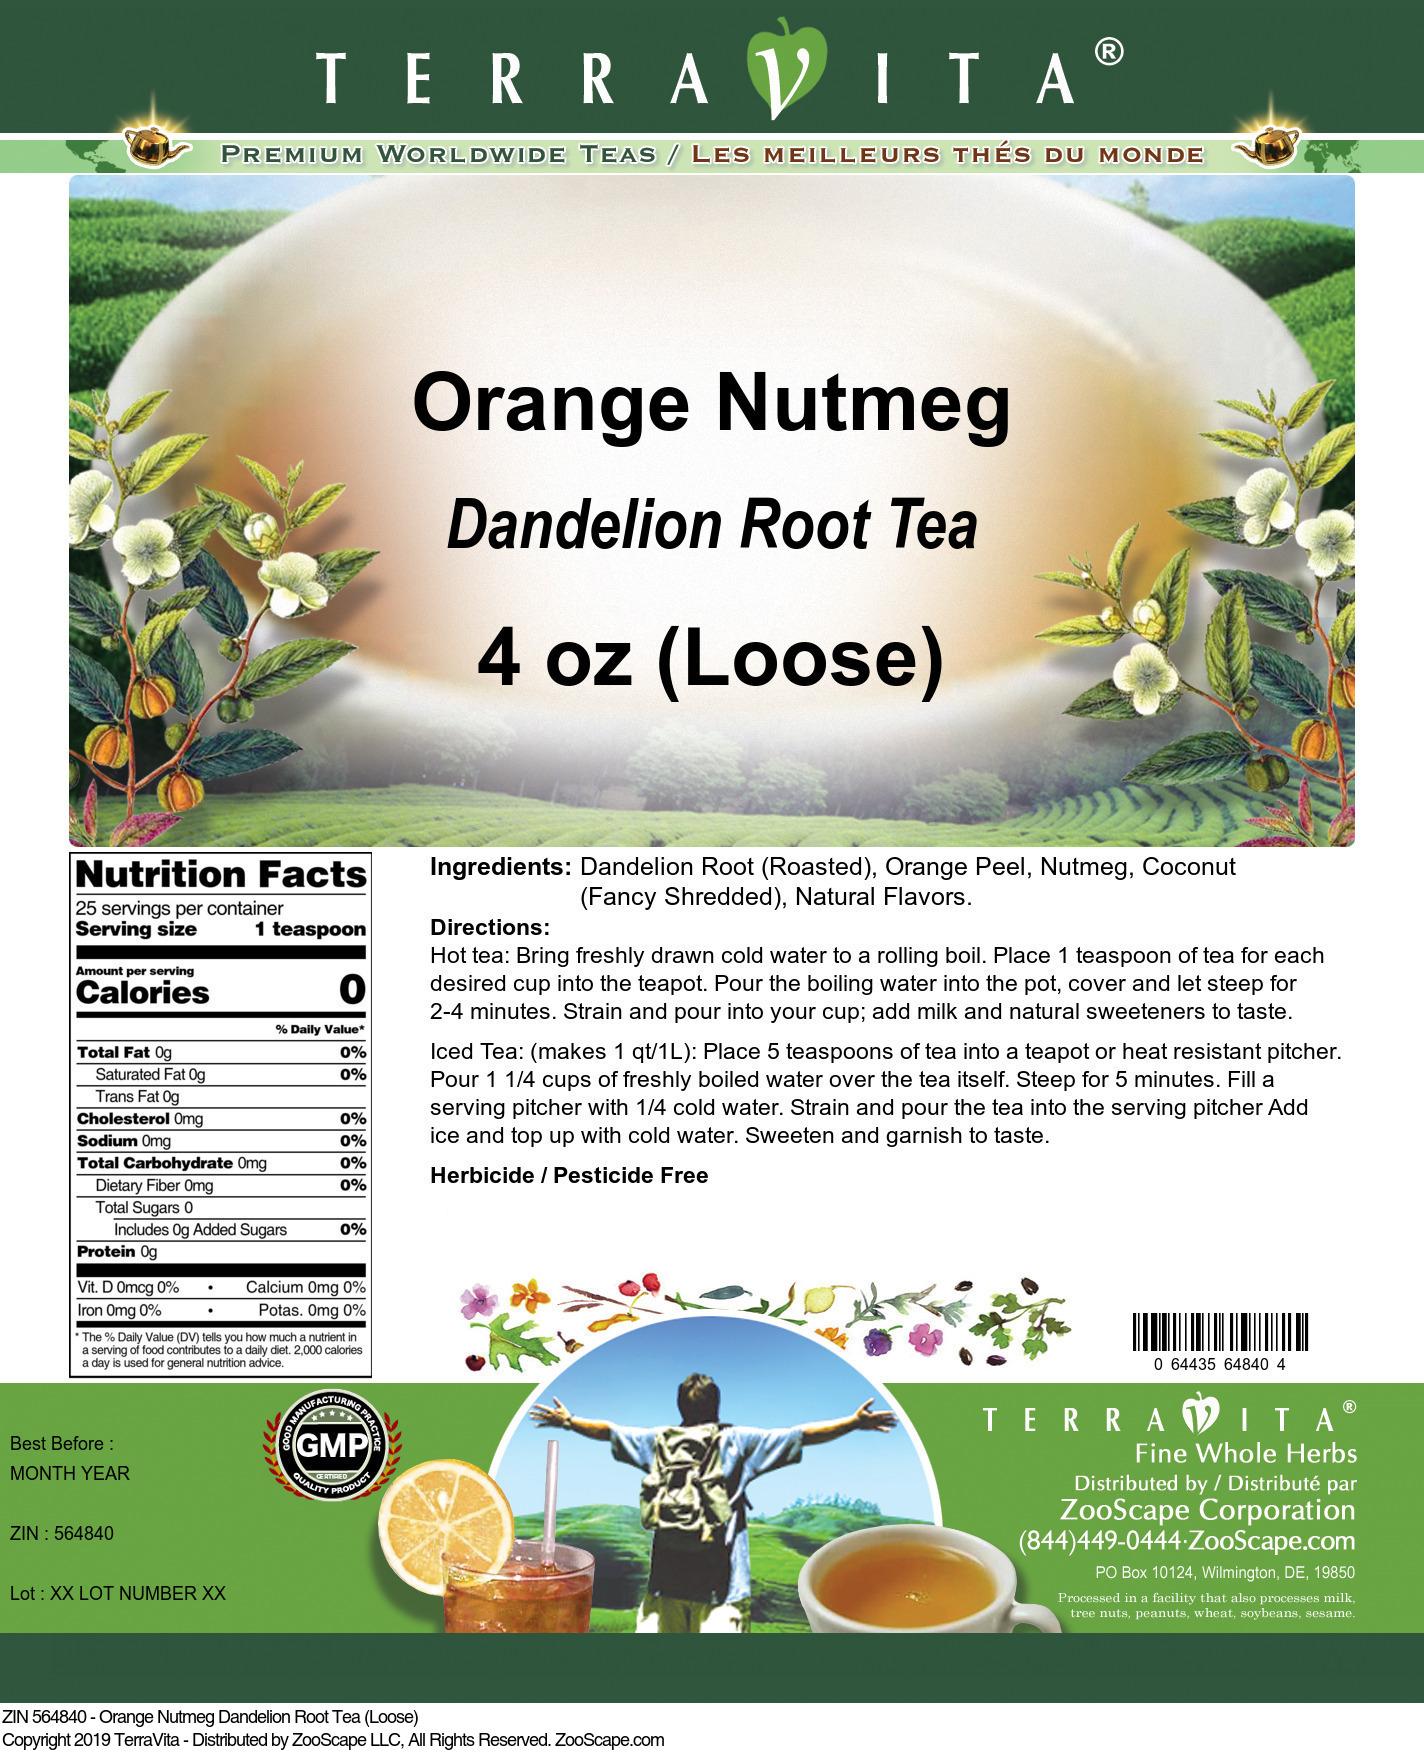 Orange Nutmeg Dandelion Root Tea (Loose)